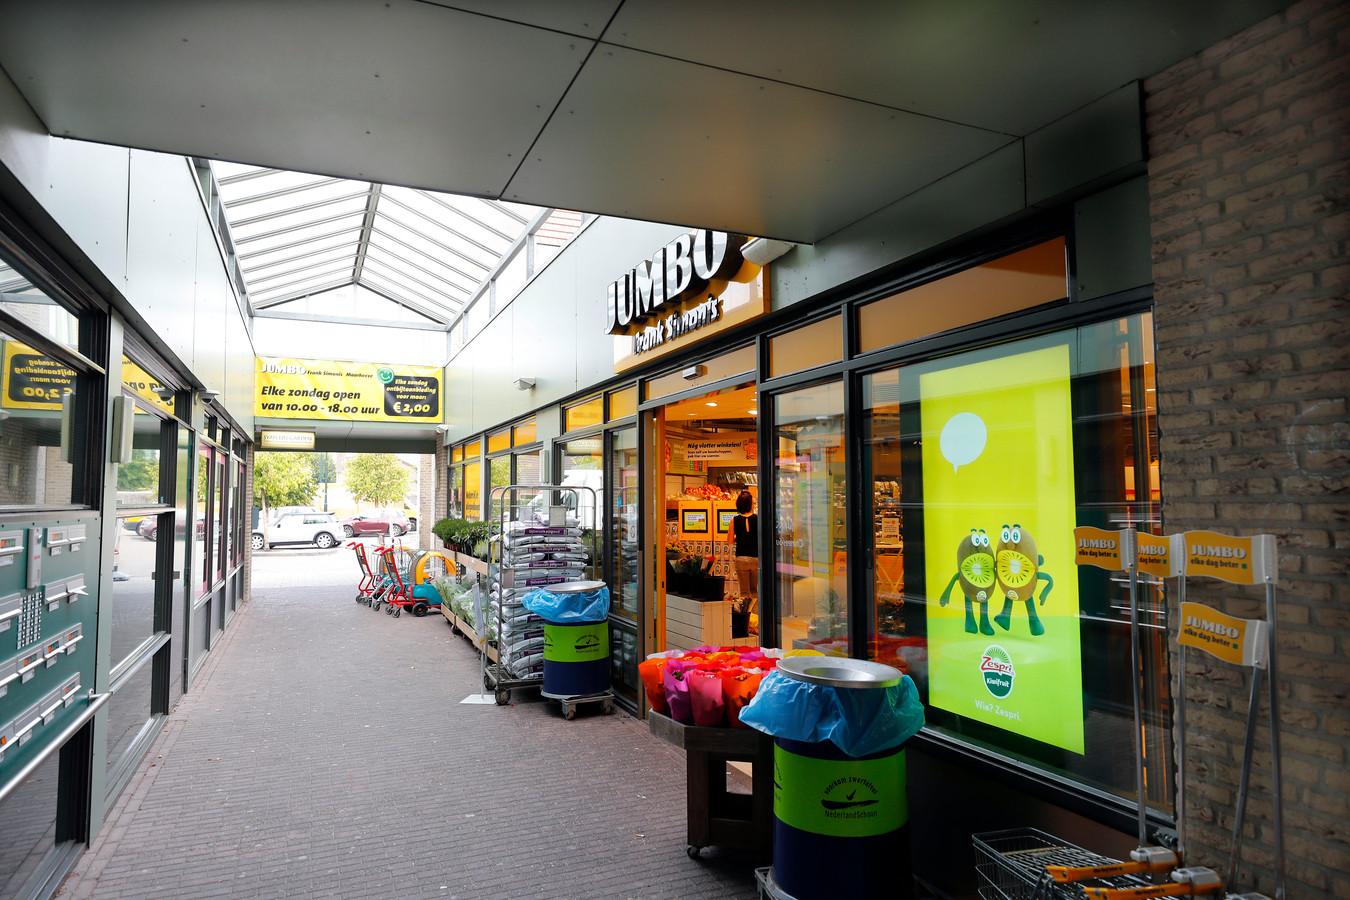 De Jumbo-supermarkt in Maarheeze.